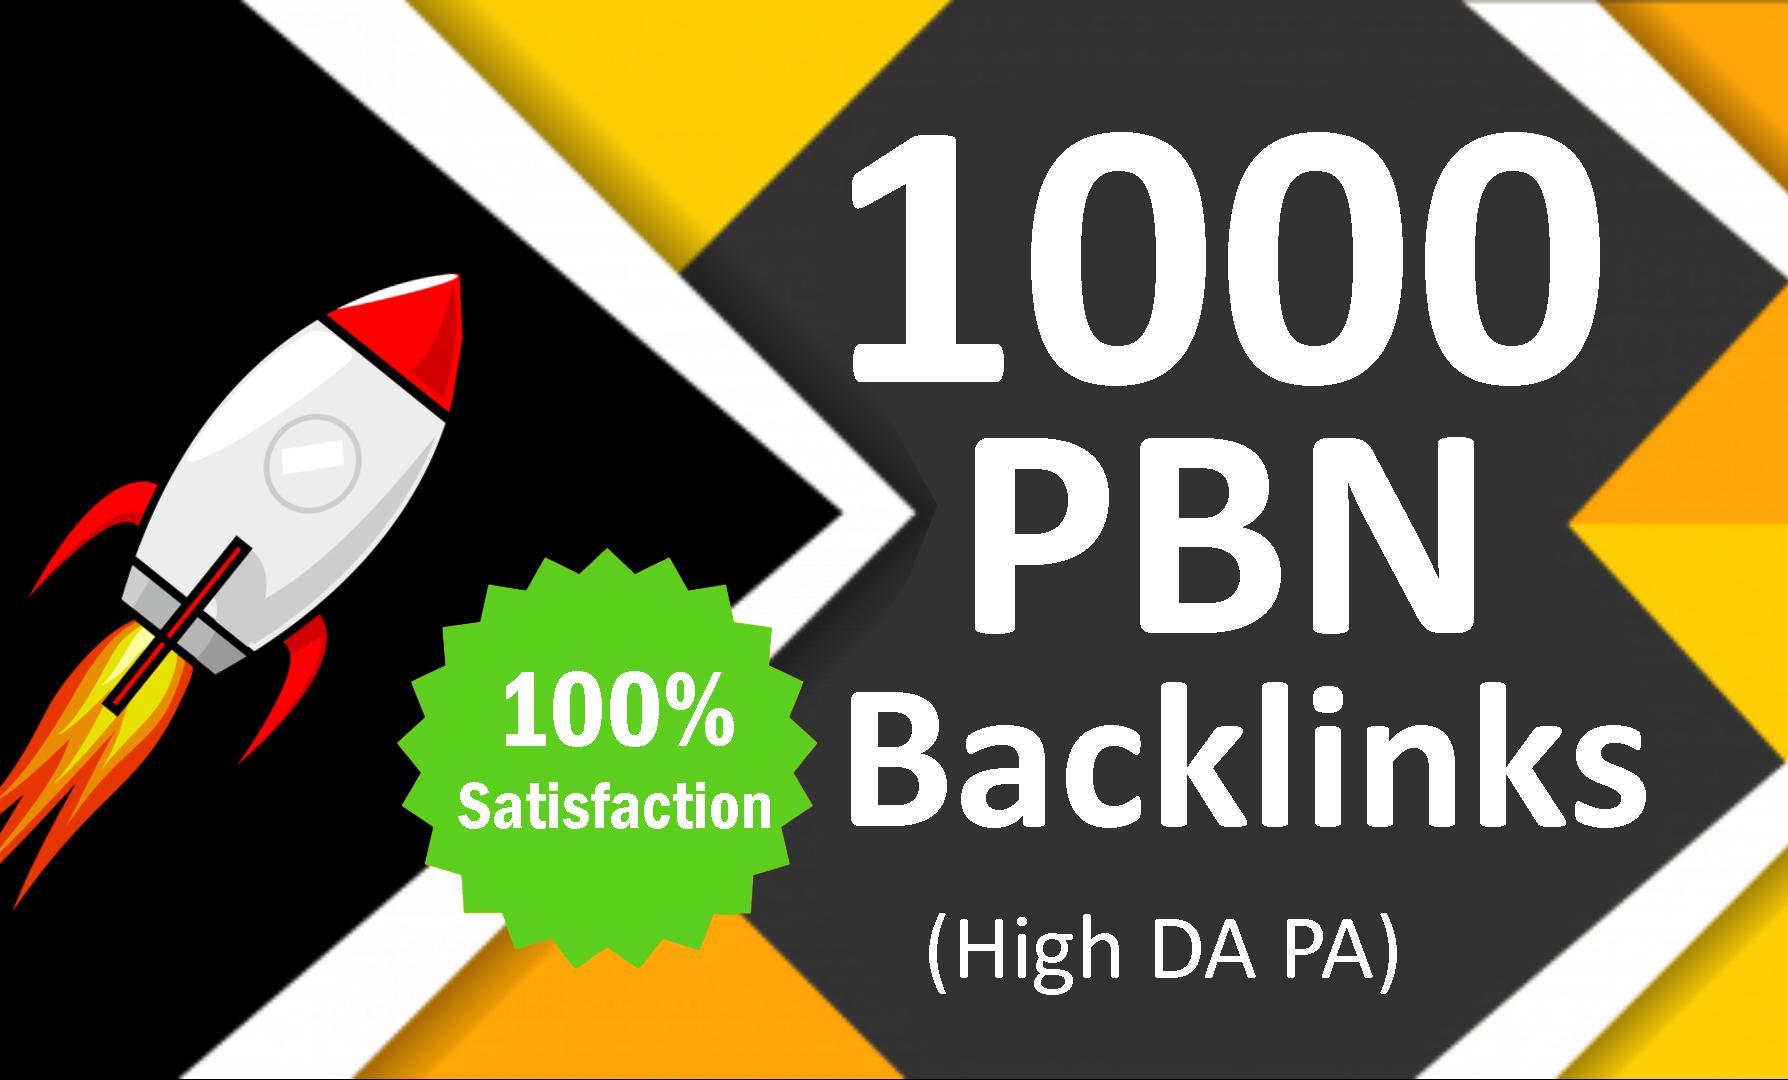 1000 PBN Backlinks from high DA PA